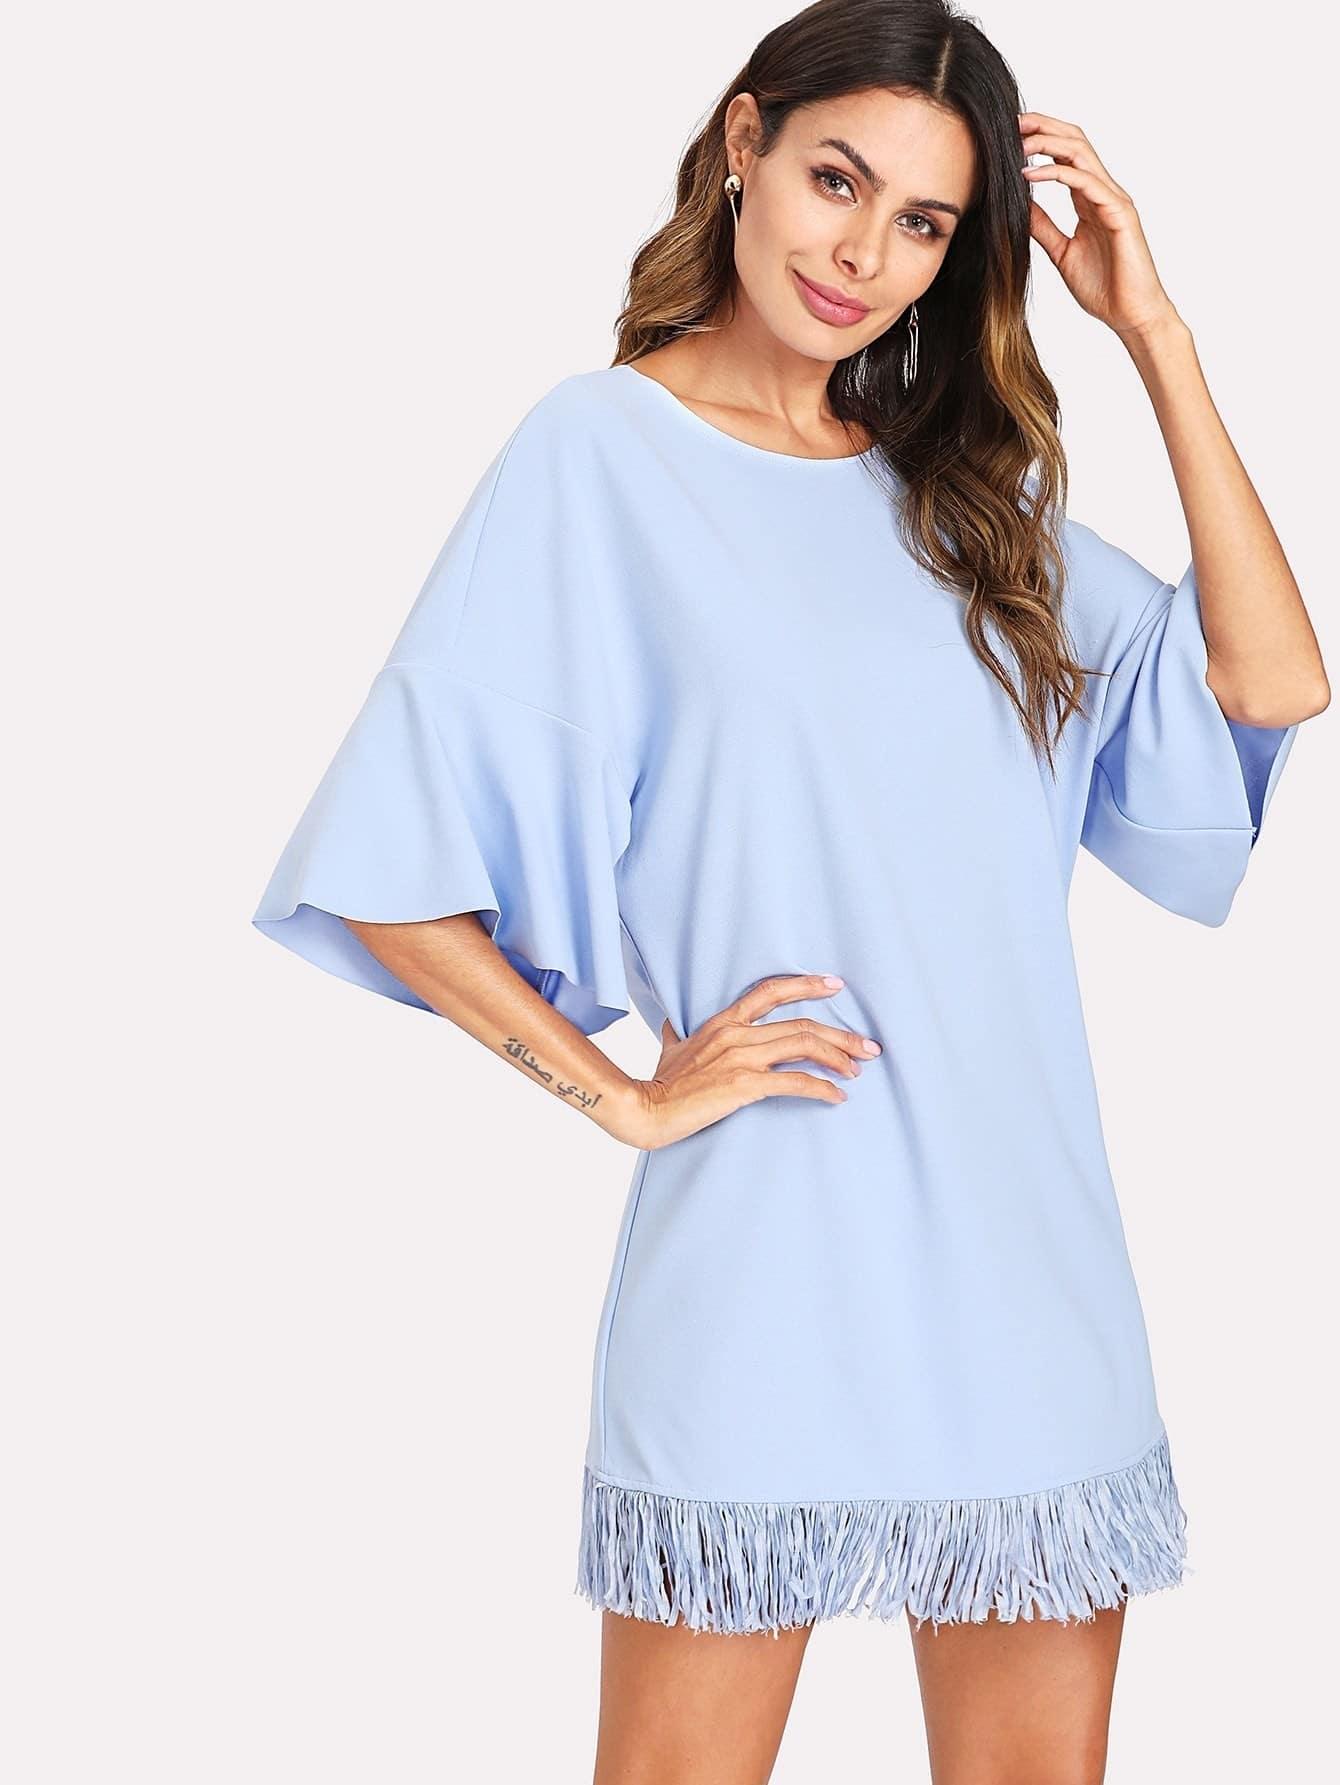 Fringe Hem Tunic Dress dress171206715